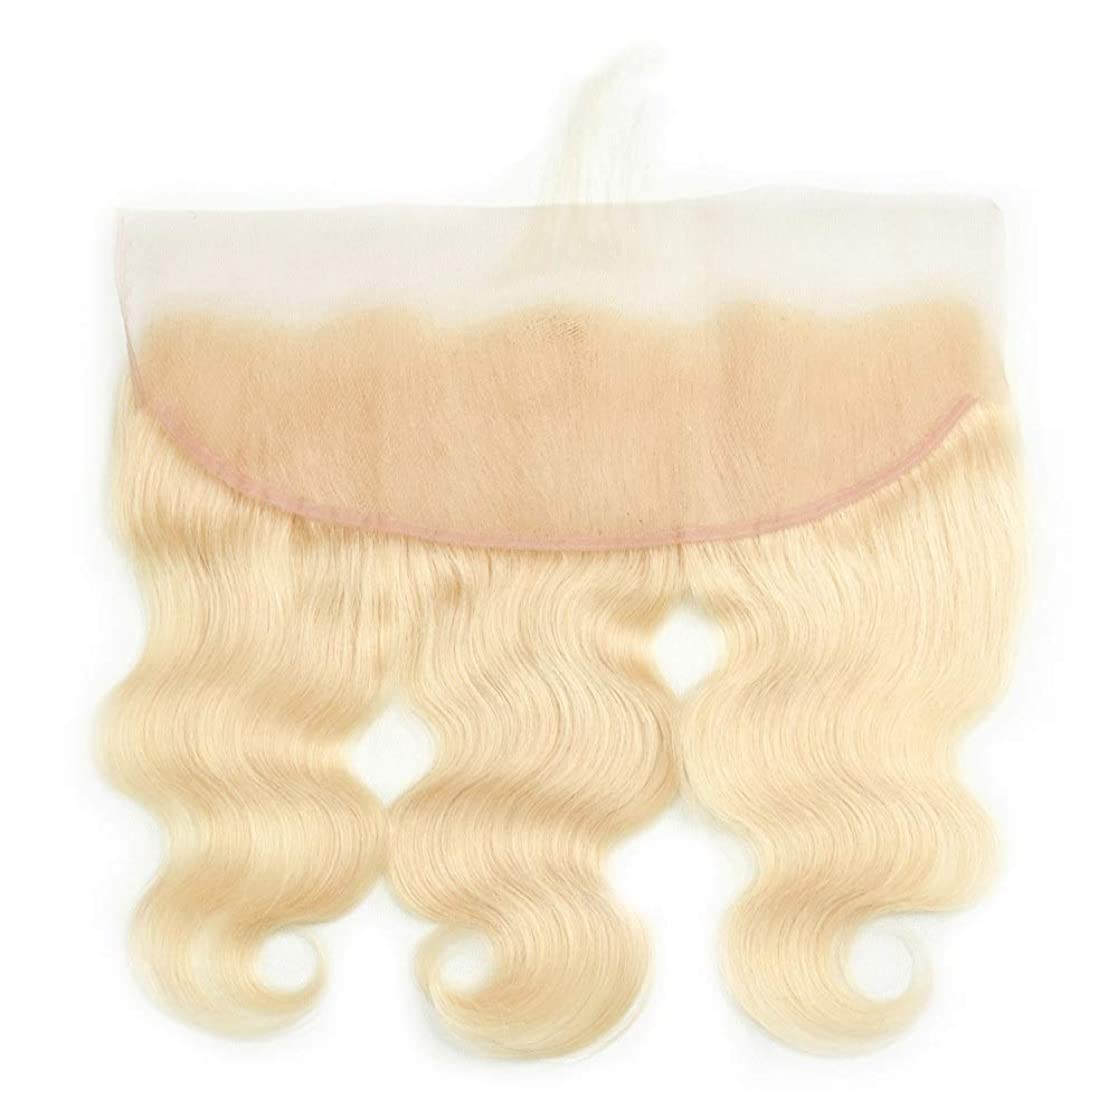 汚物しないでくださいメキシコMayalina ロングレースクロージャー実体波髪16インチレース前頭ブラジル髪と耳を閉じる13 x 4自由な部分の人間の毛髪の女性の合成かつらレースのかつらロールプレイングかつら (色 : Blonde, サイズ : 18 inch)